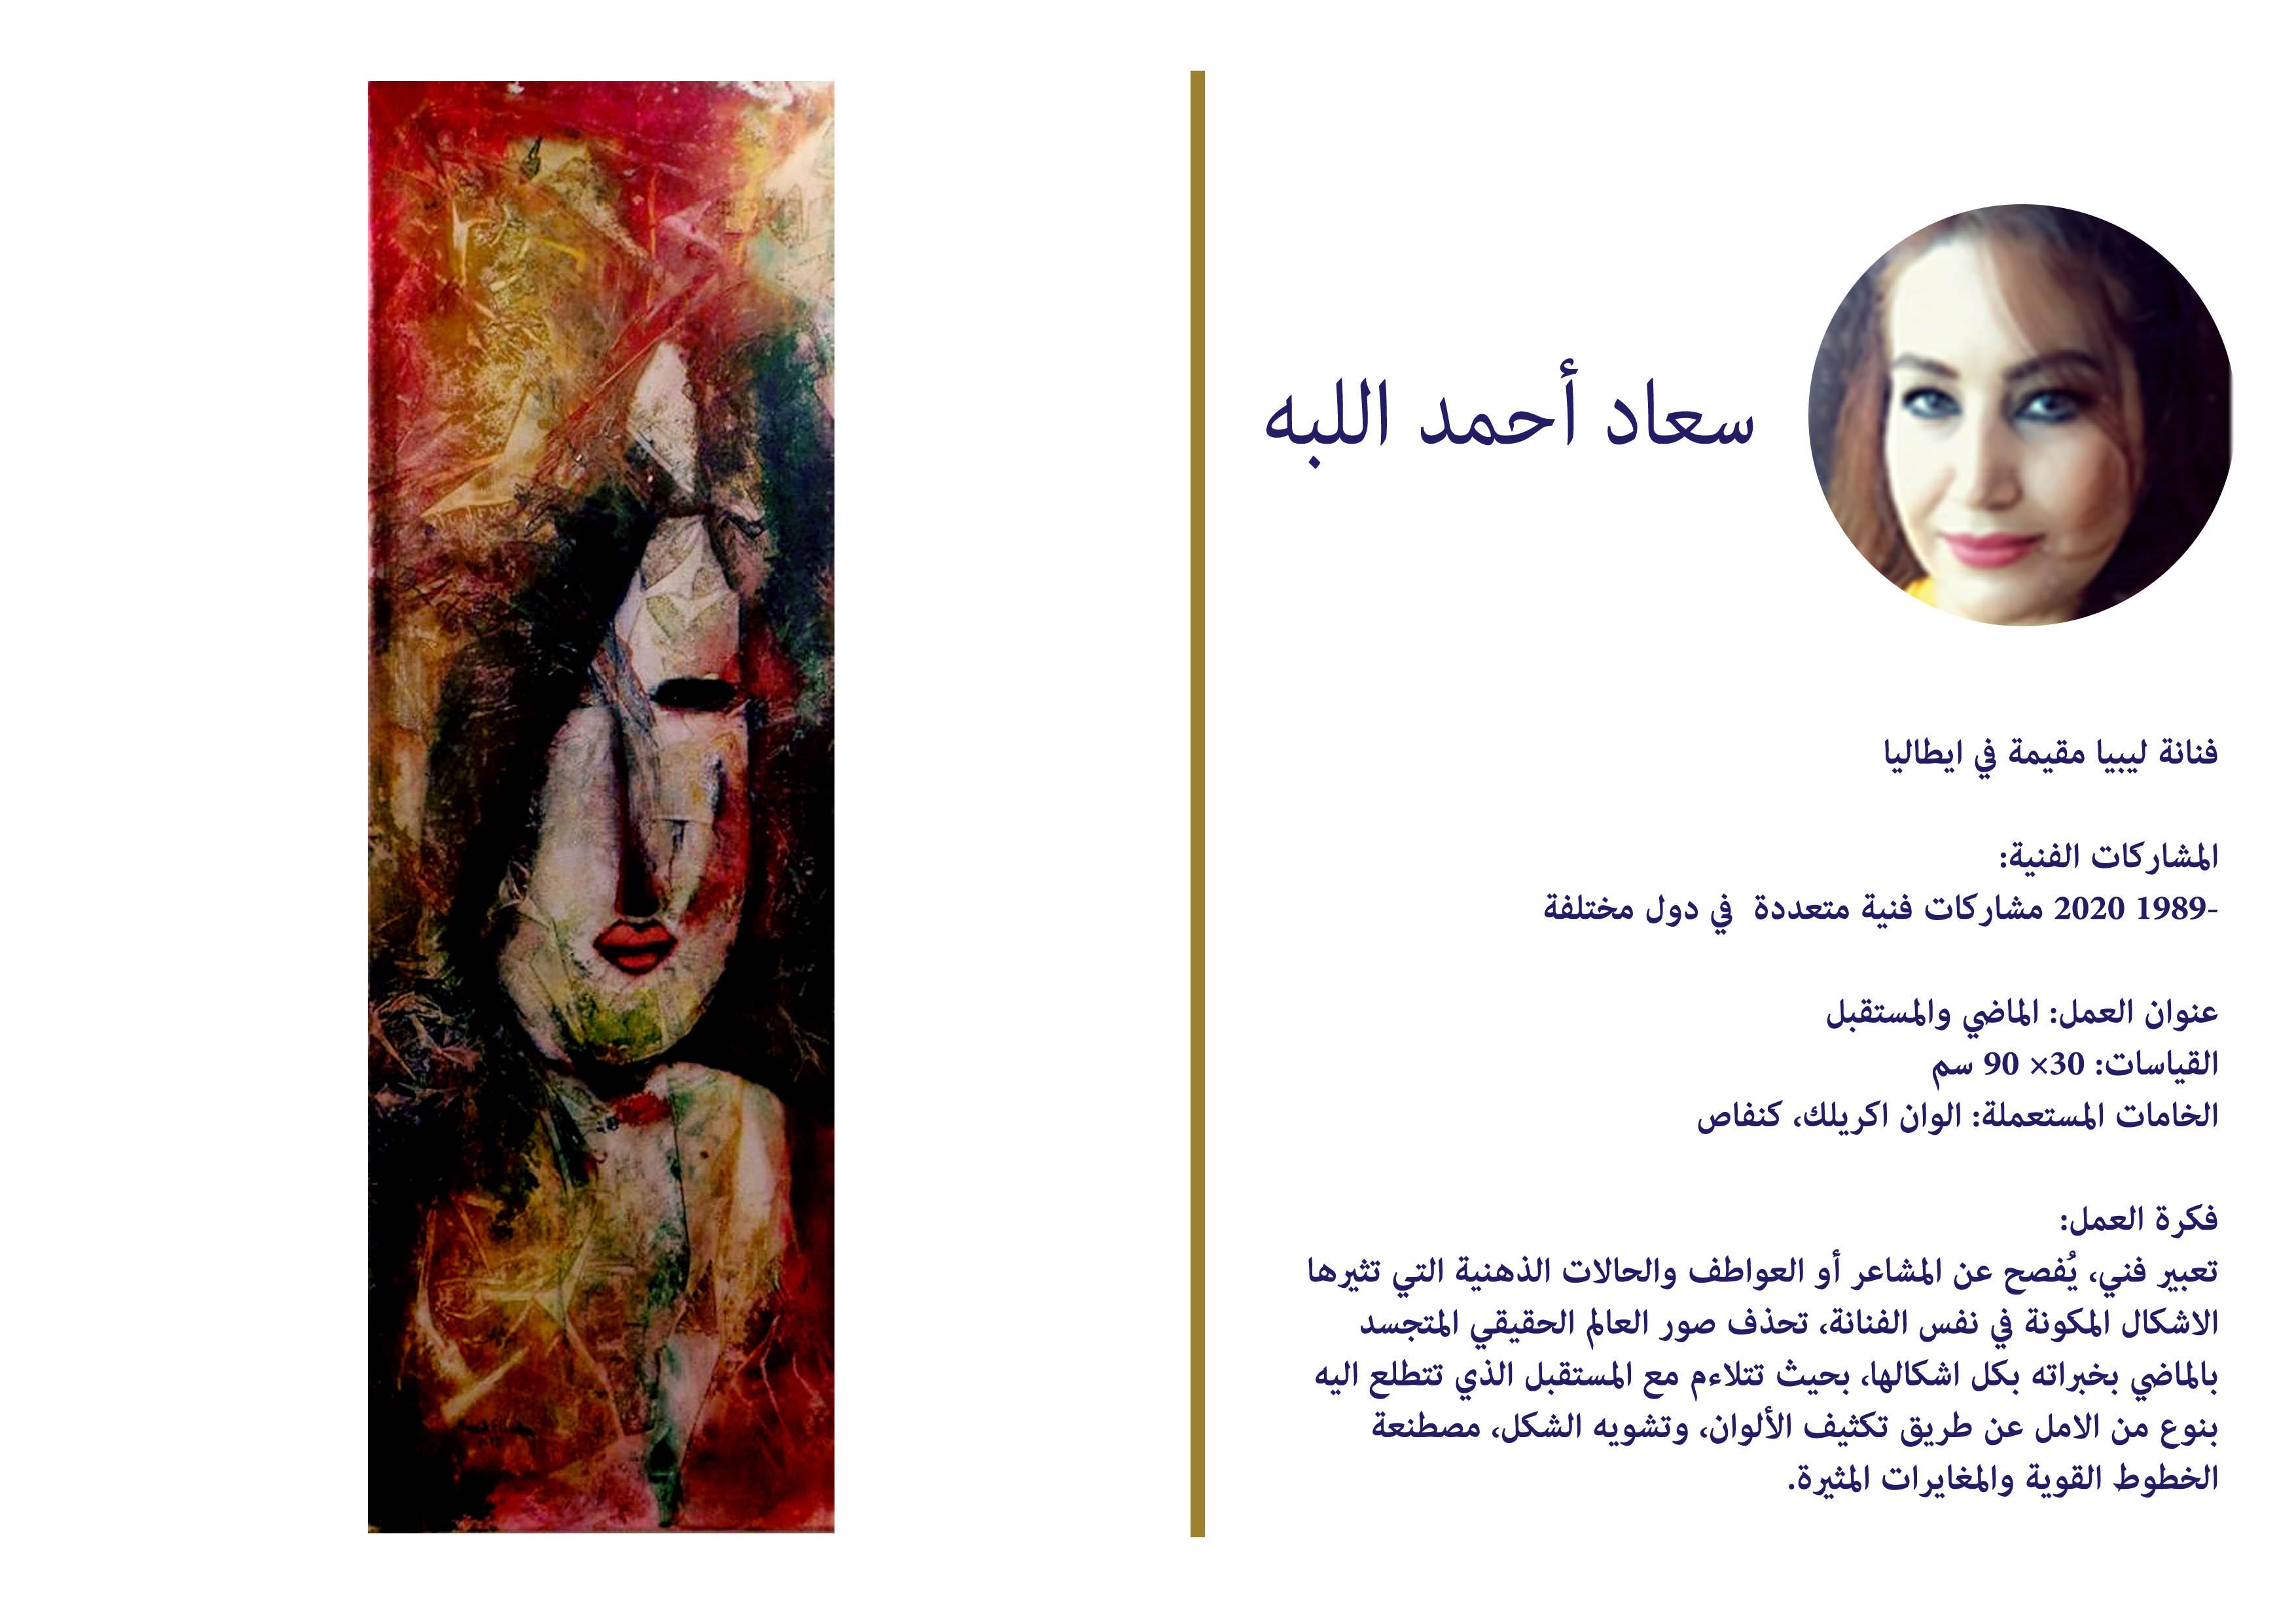 سعاد أحمد اللبه